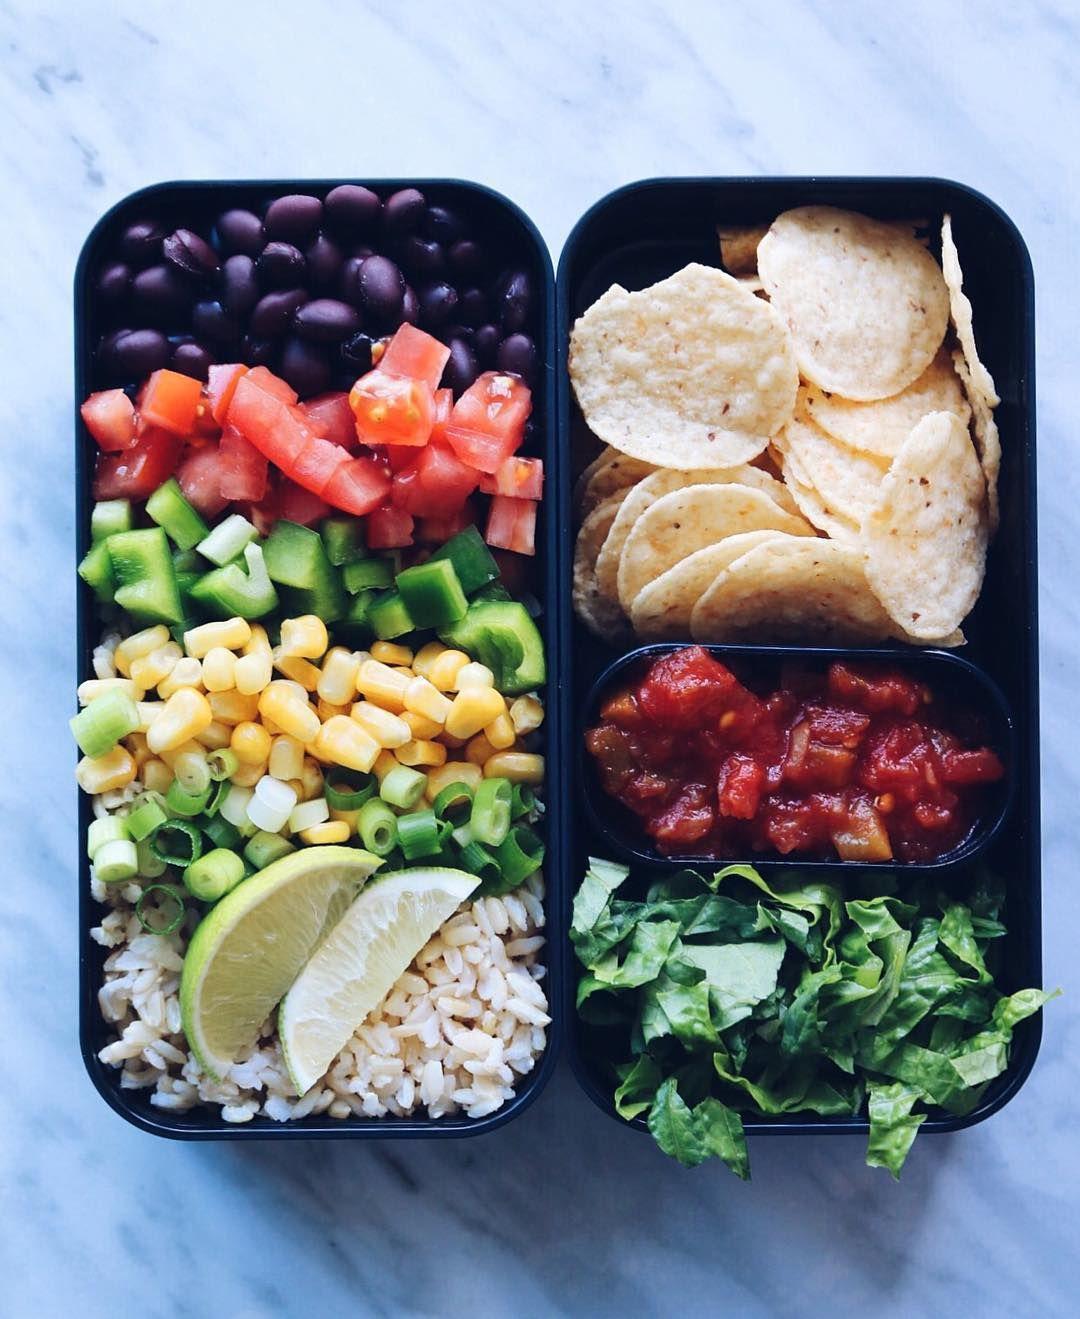 idee vegane per la cena per la perdita di peso